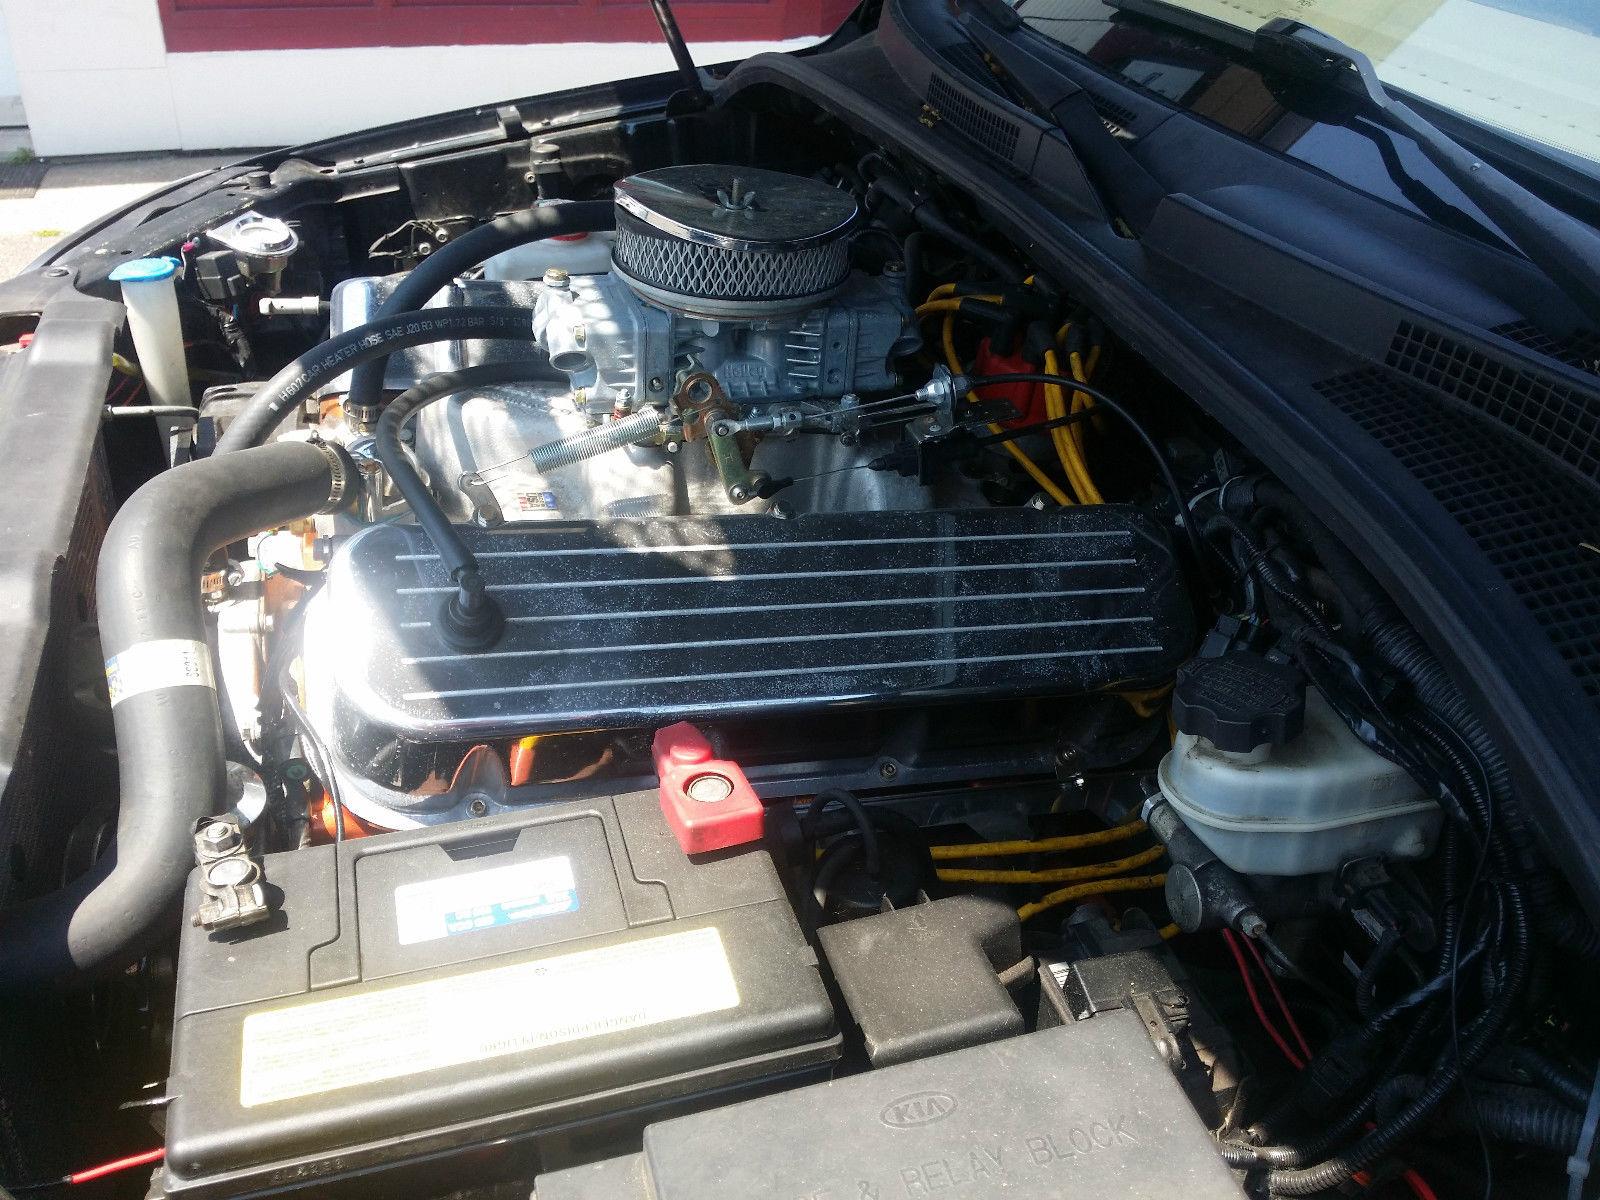 Weirdest Engine Swap Ever Kia Sorento With Chevy 468 Big